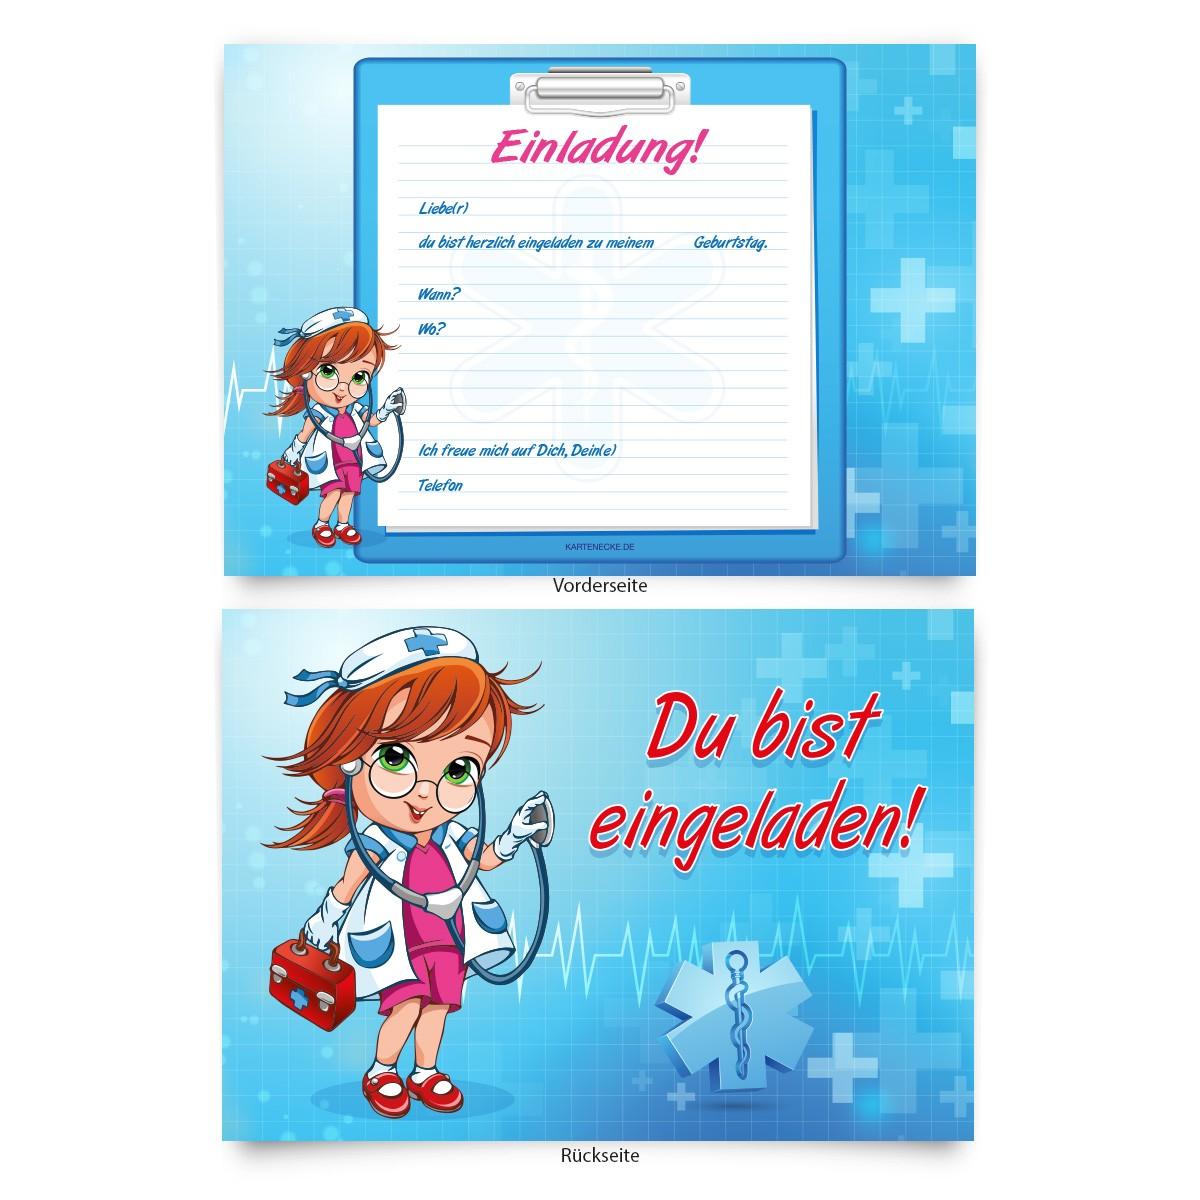 Textvorlagen Für Geburtstagseinladungen | animefc.info